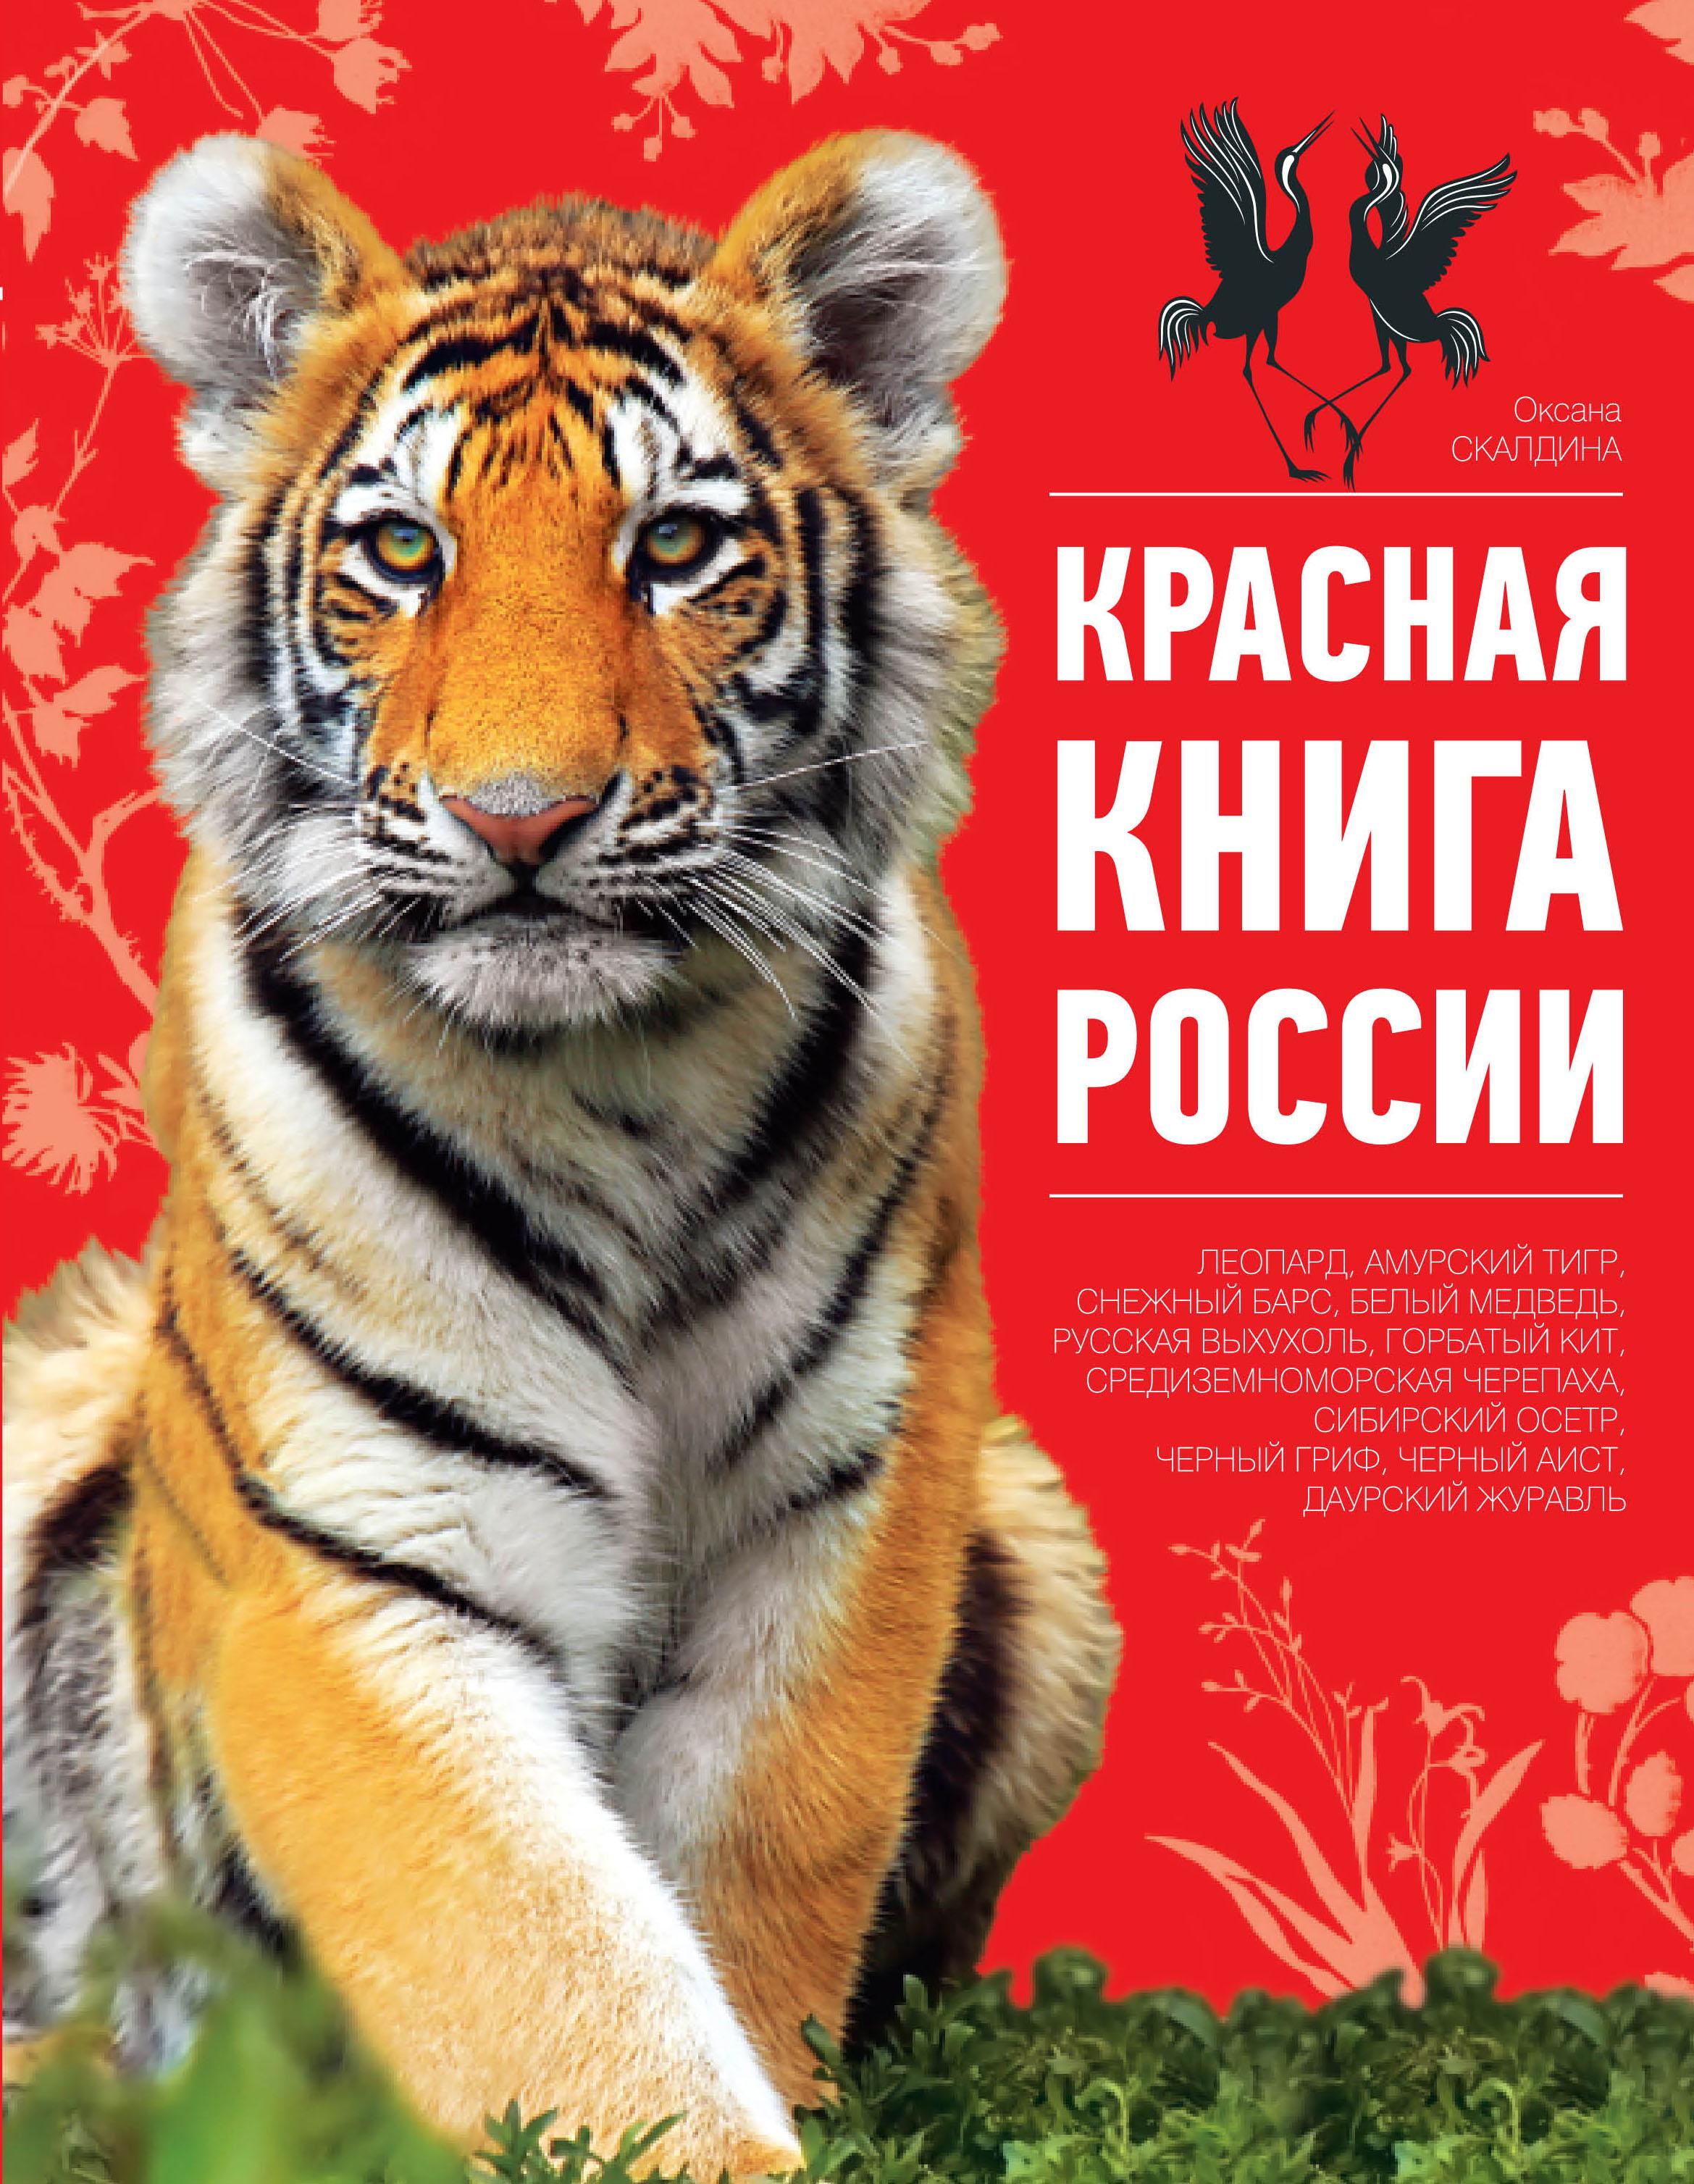 Где купить красную книгу россии талисман игр в сочи